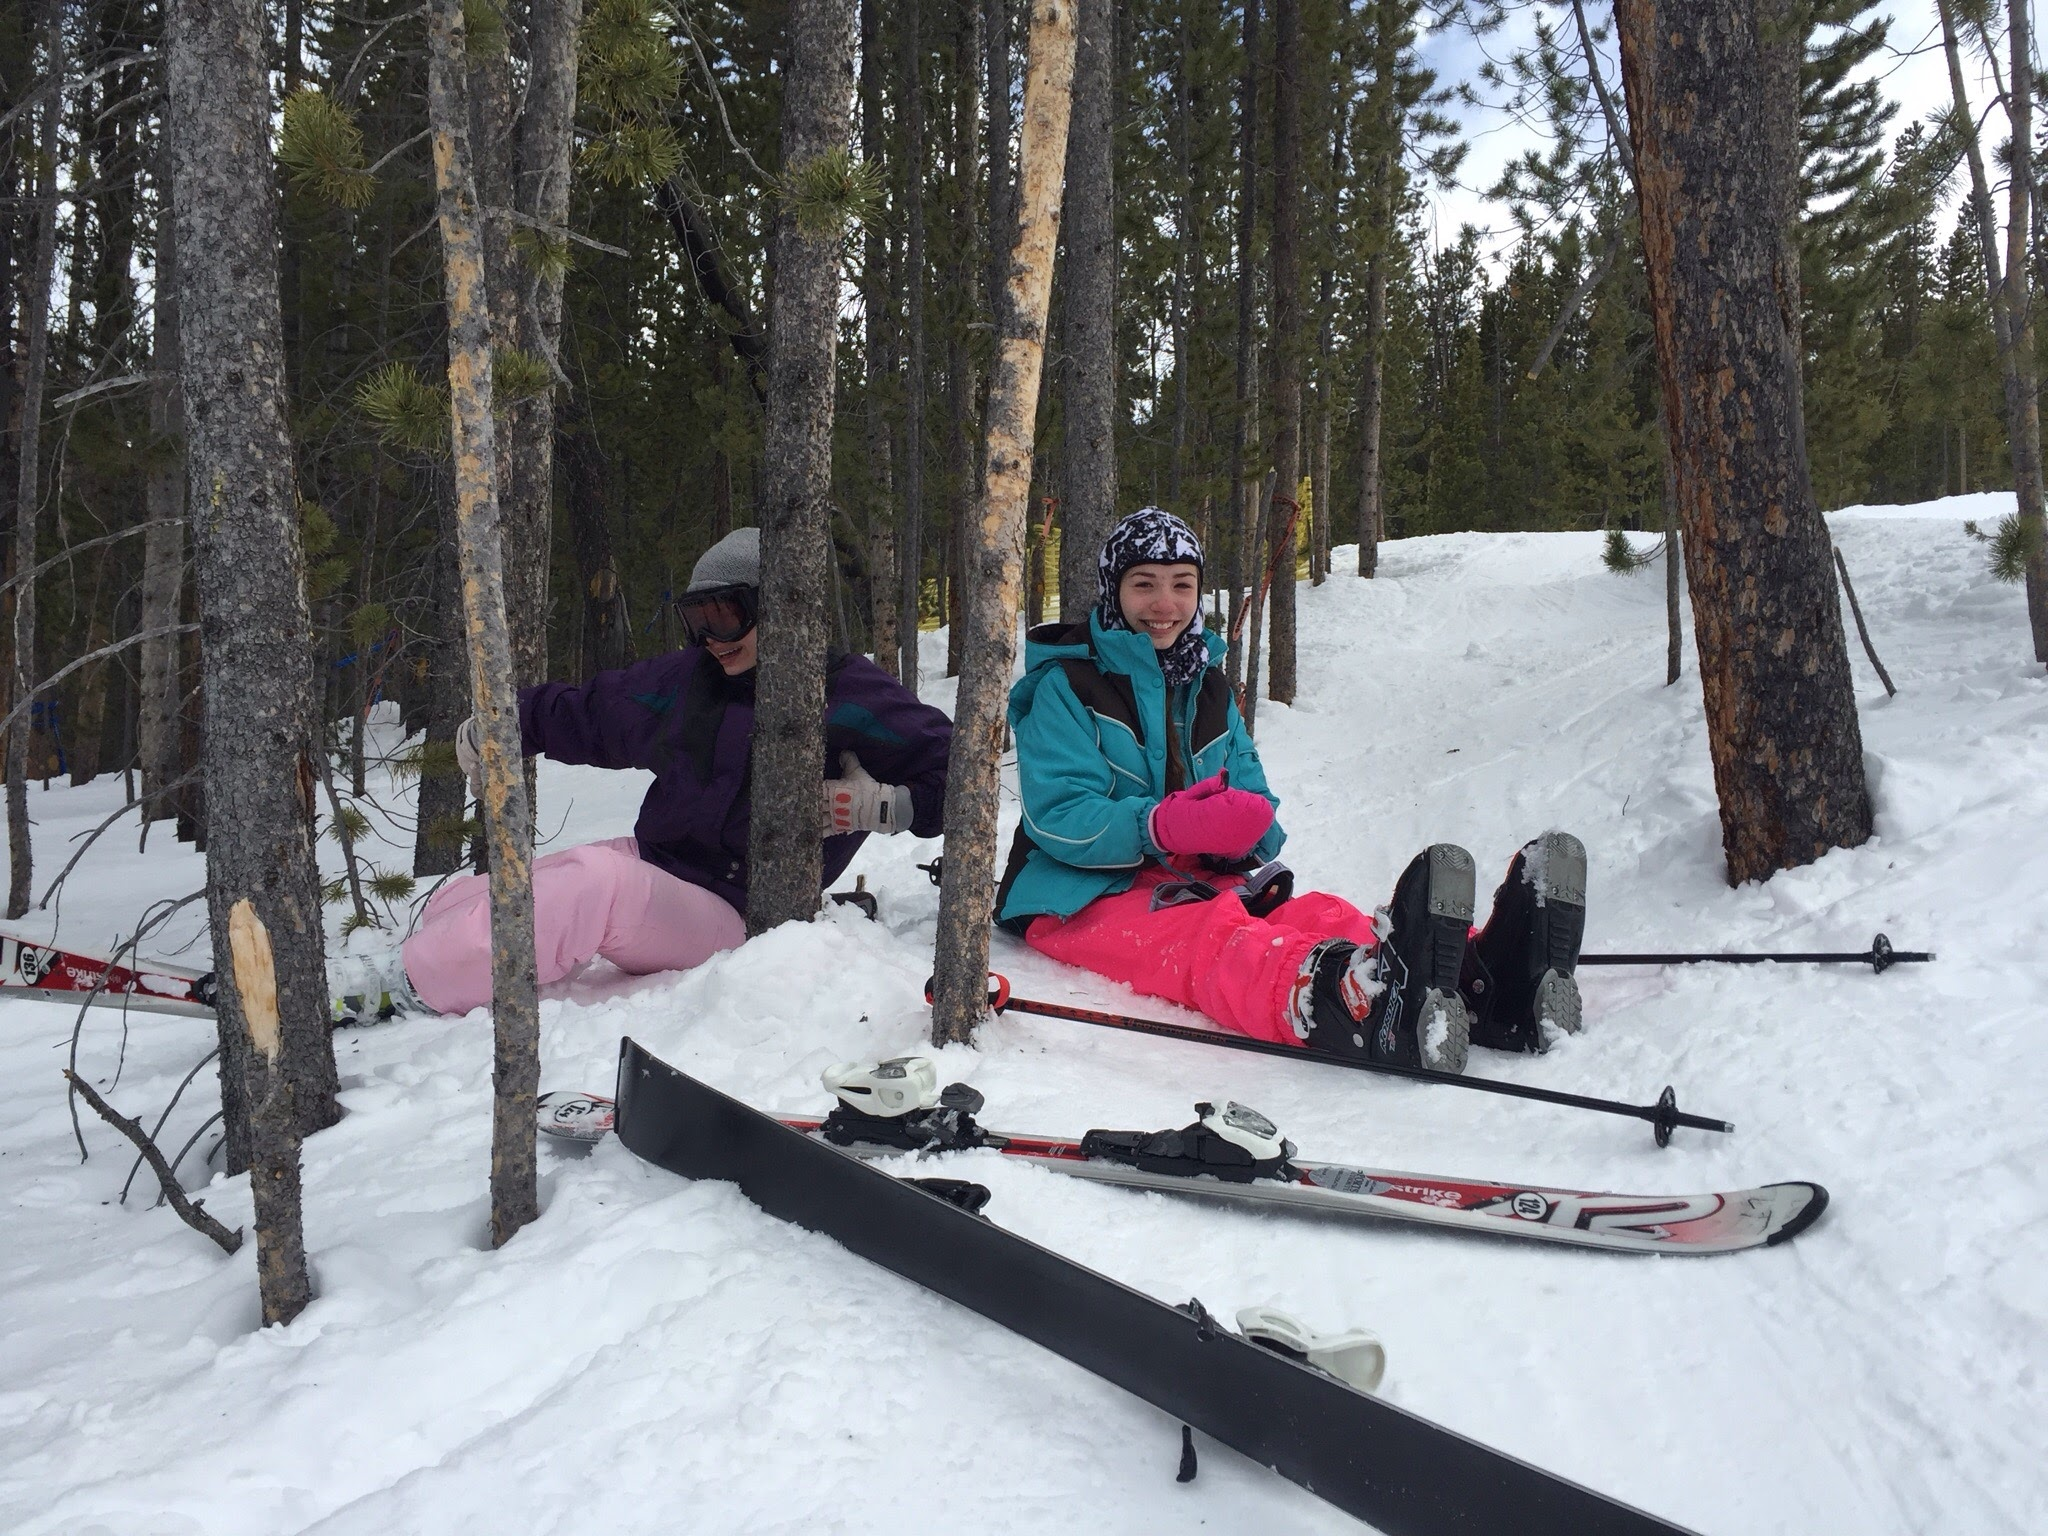 Snow Skiing in April in Colorado